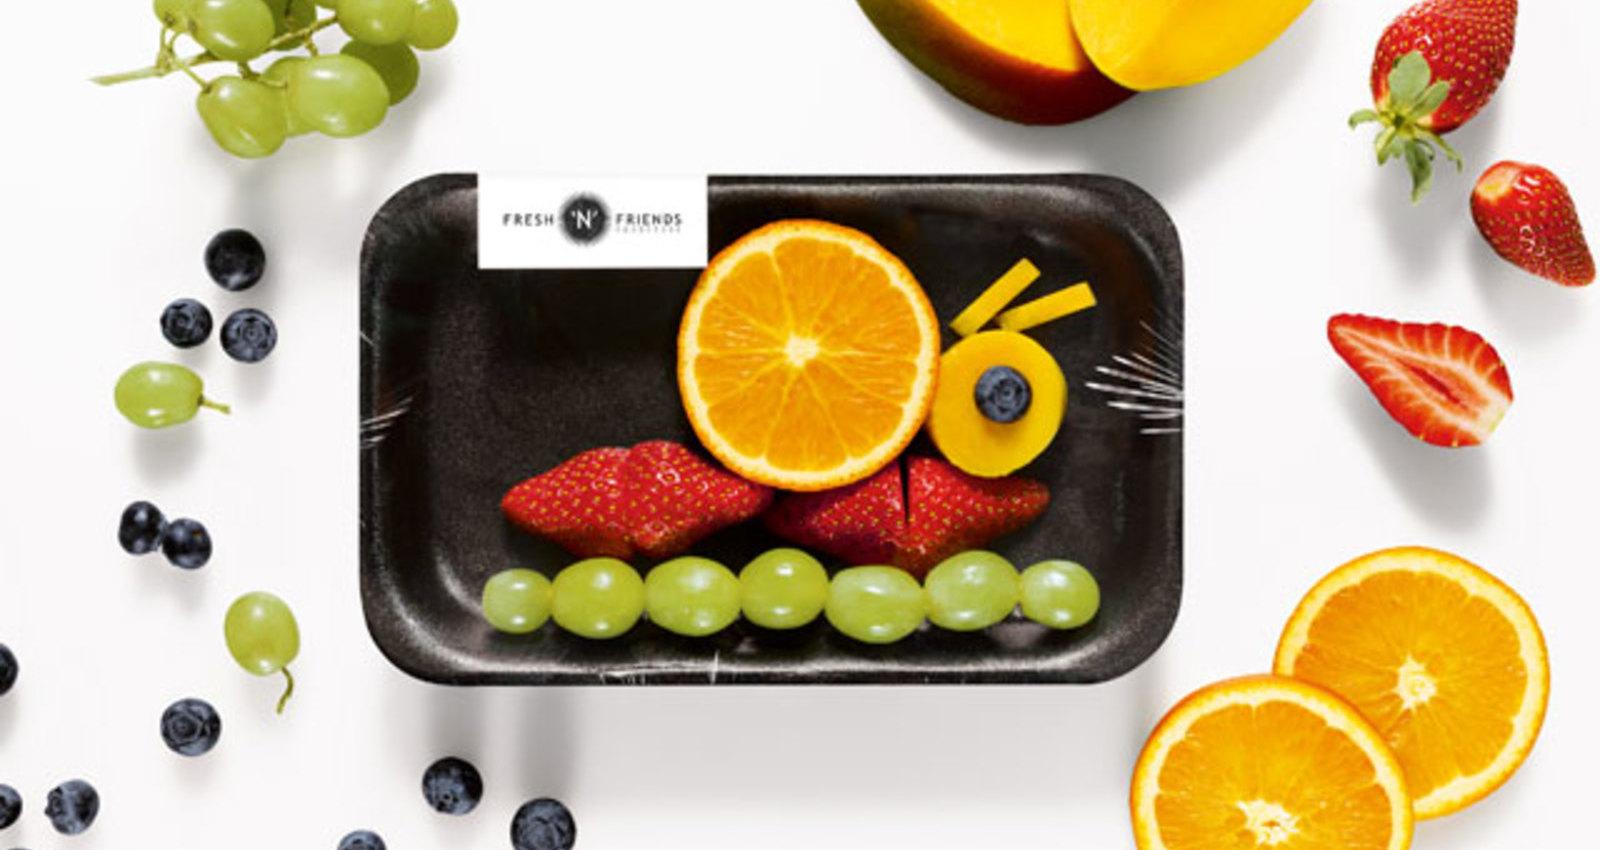 Obstfiguren (fruit figures)